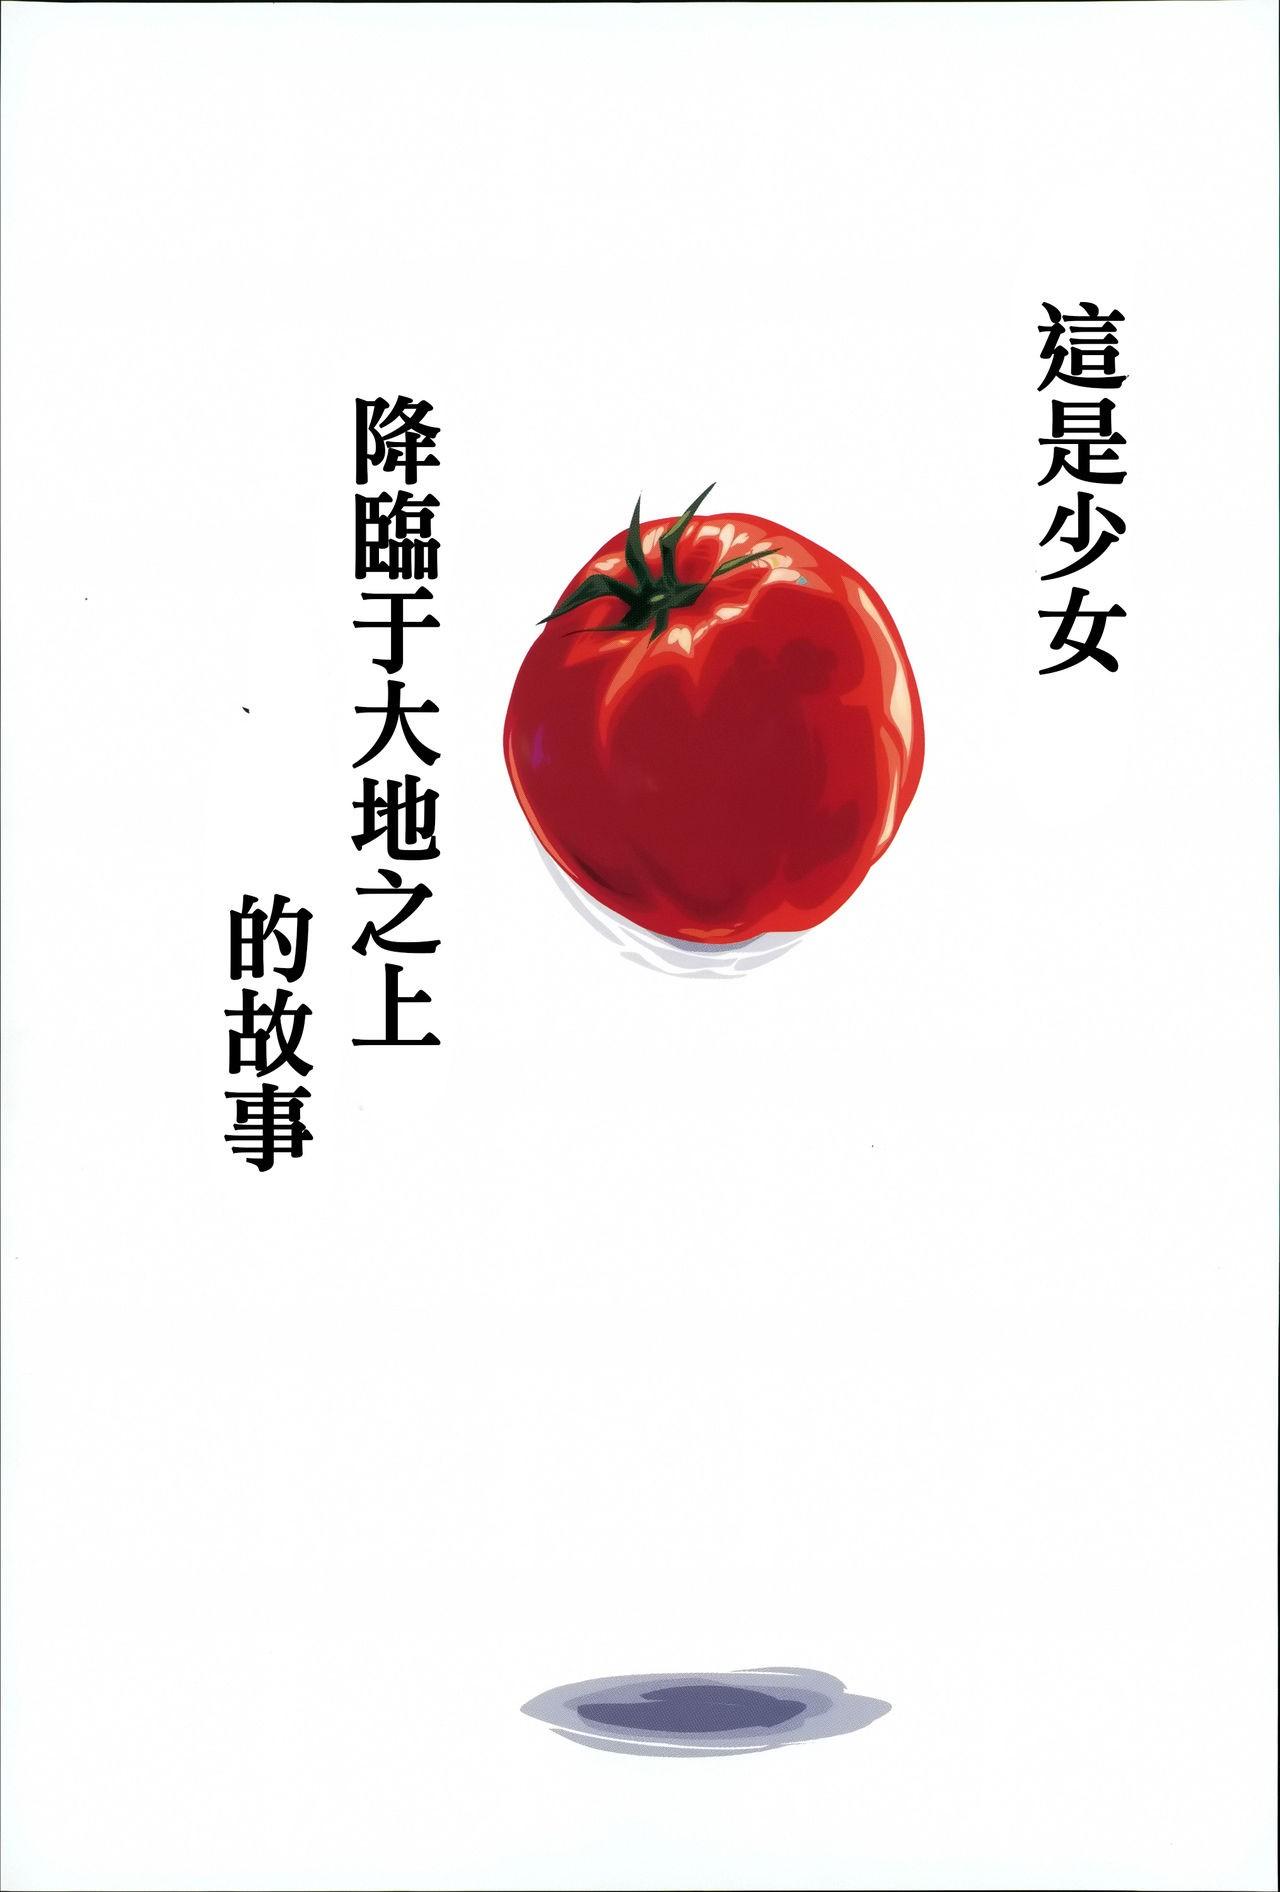 Image 6 in Daichi ni Tadoritsuku Made ni